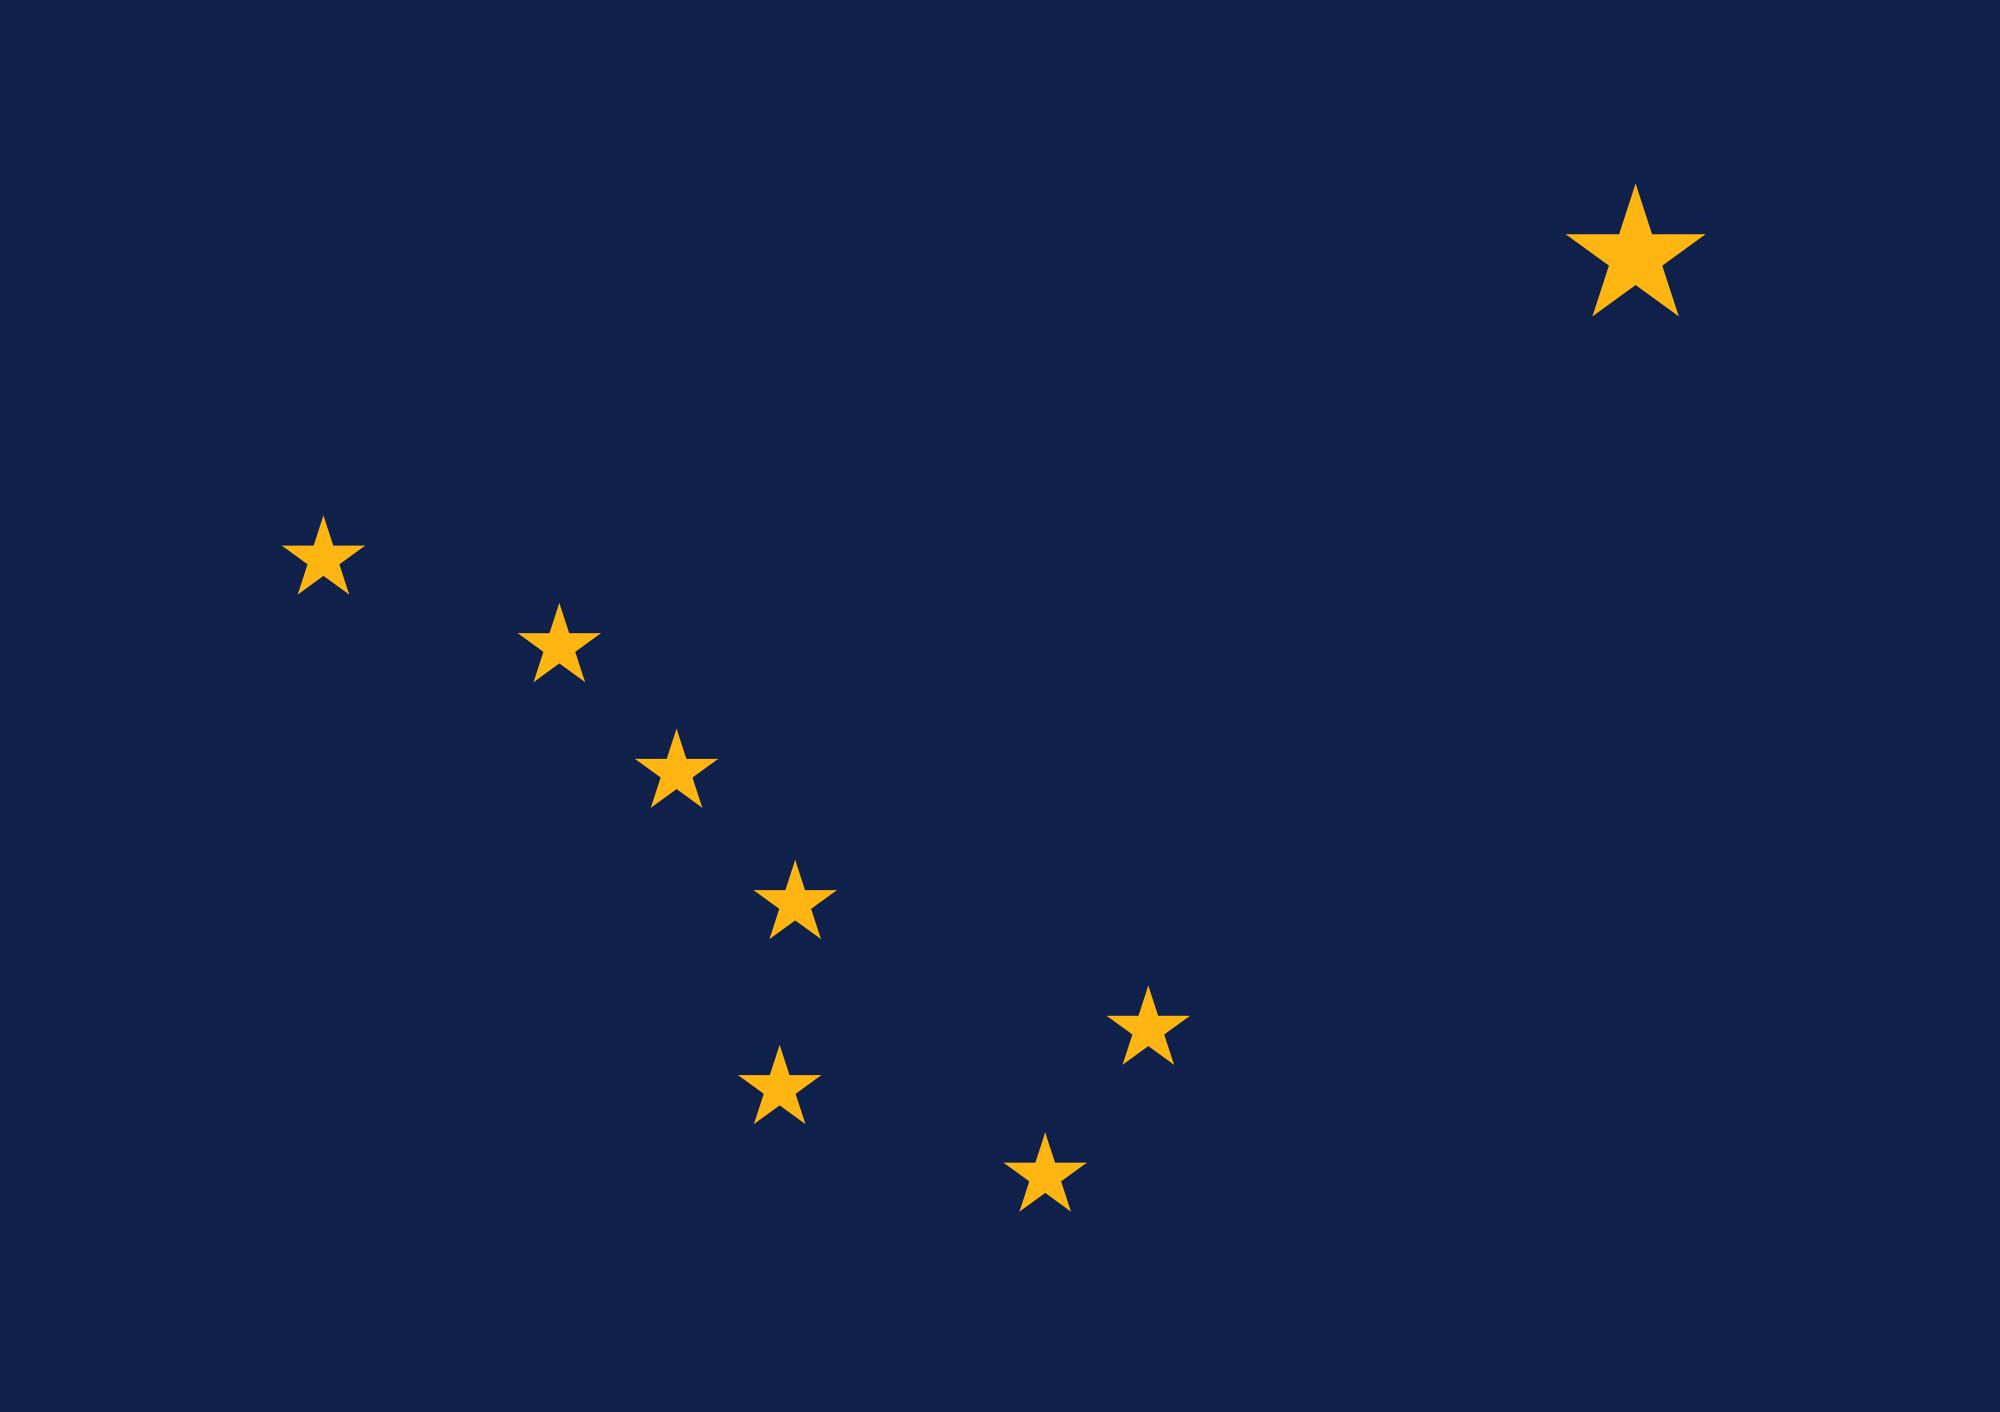 - ALASKA DRONE REGISTRATION